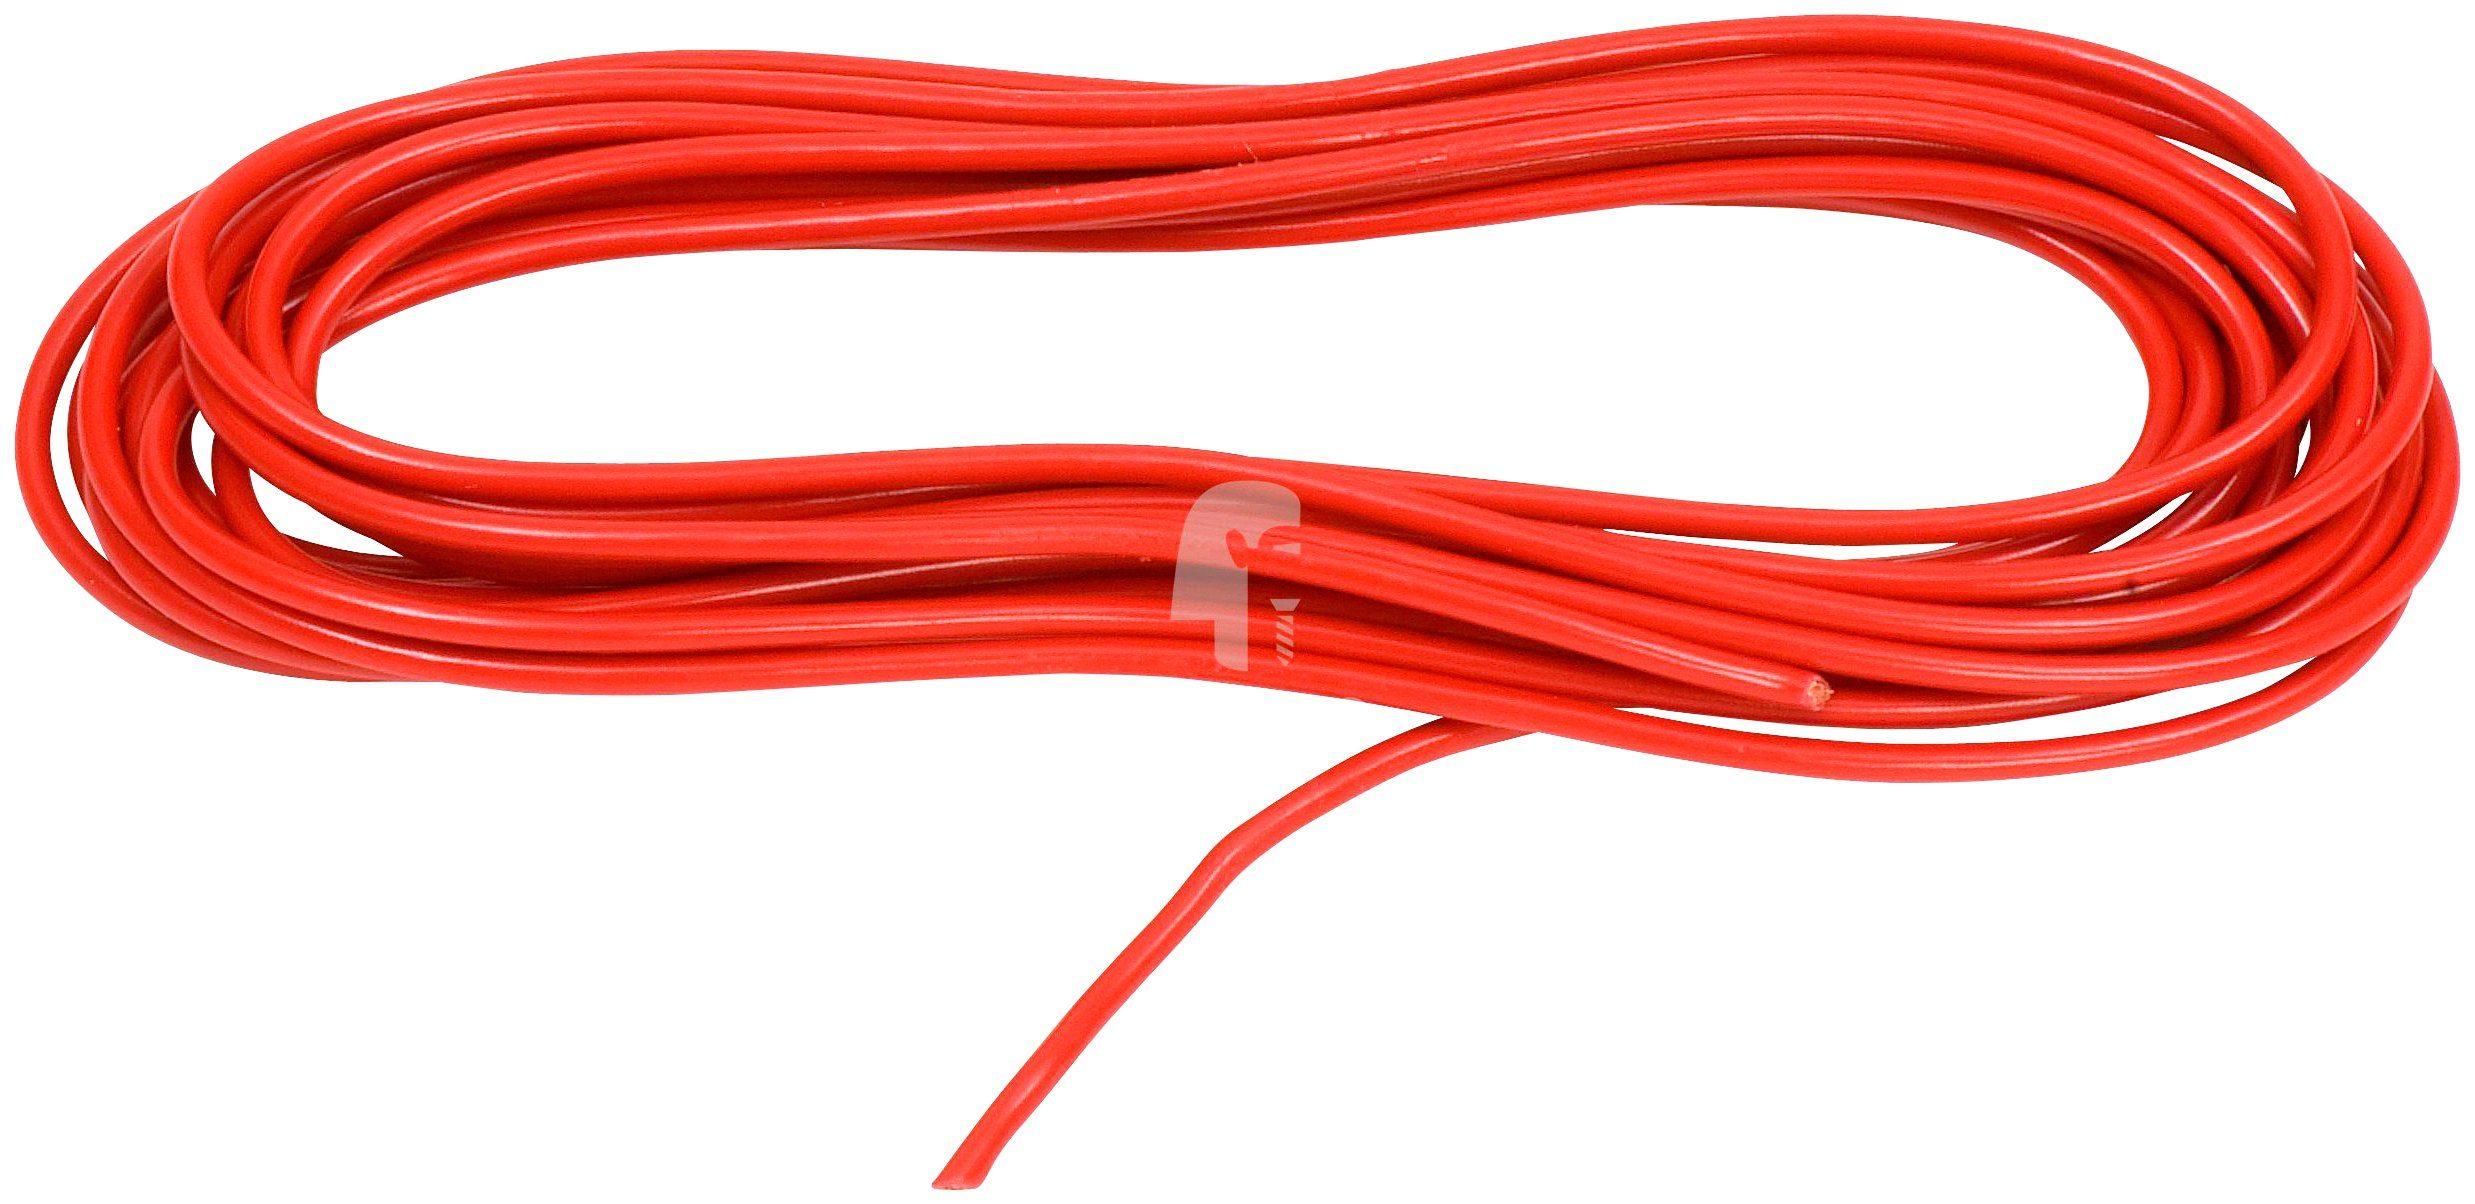 RAMSES Fahrzeugleitung , Rot 4 mm² 25 Meter